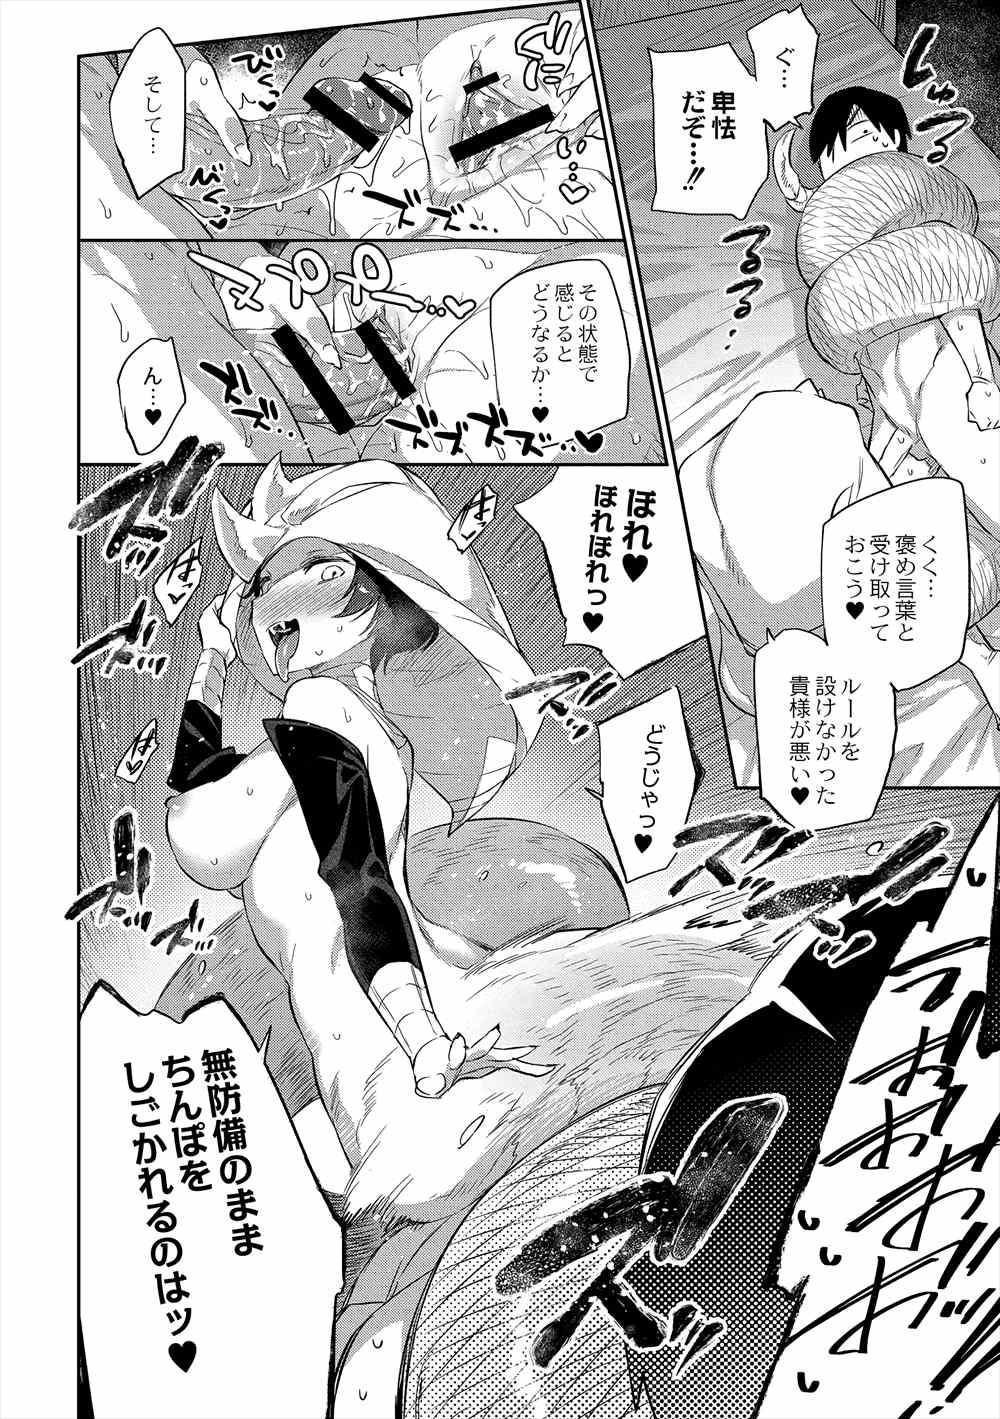 【エロ漫画】ラミア娘は性欲旺盛…やってきた勇者とセックス勝負して生挿入中出しwww【みぞね:雑食勇者 おかわり】